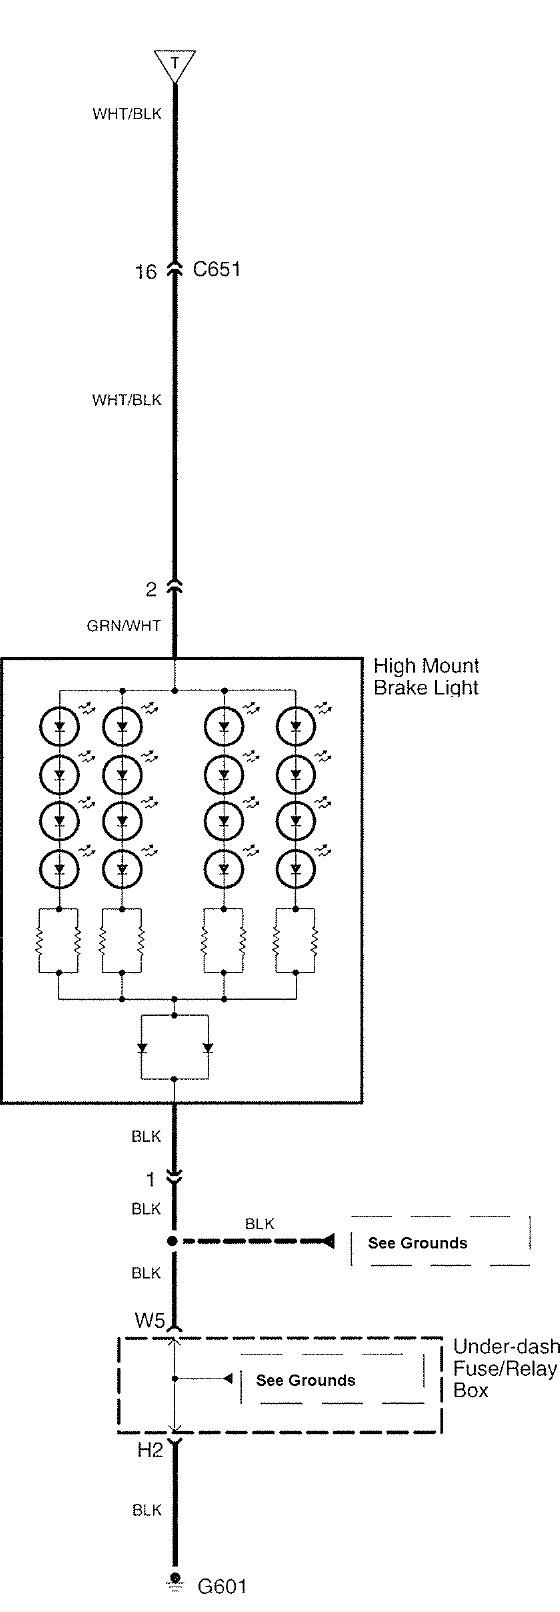 Acura Tl  2007 - 2008  - Wiring Diagrams